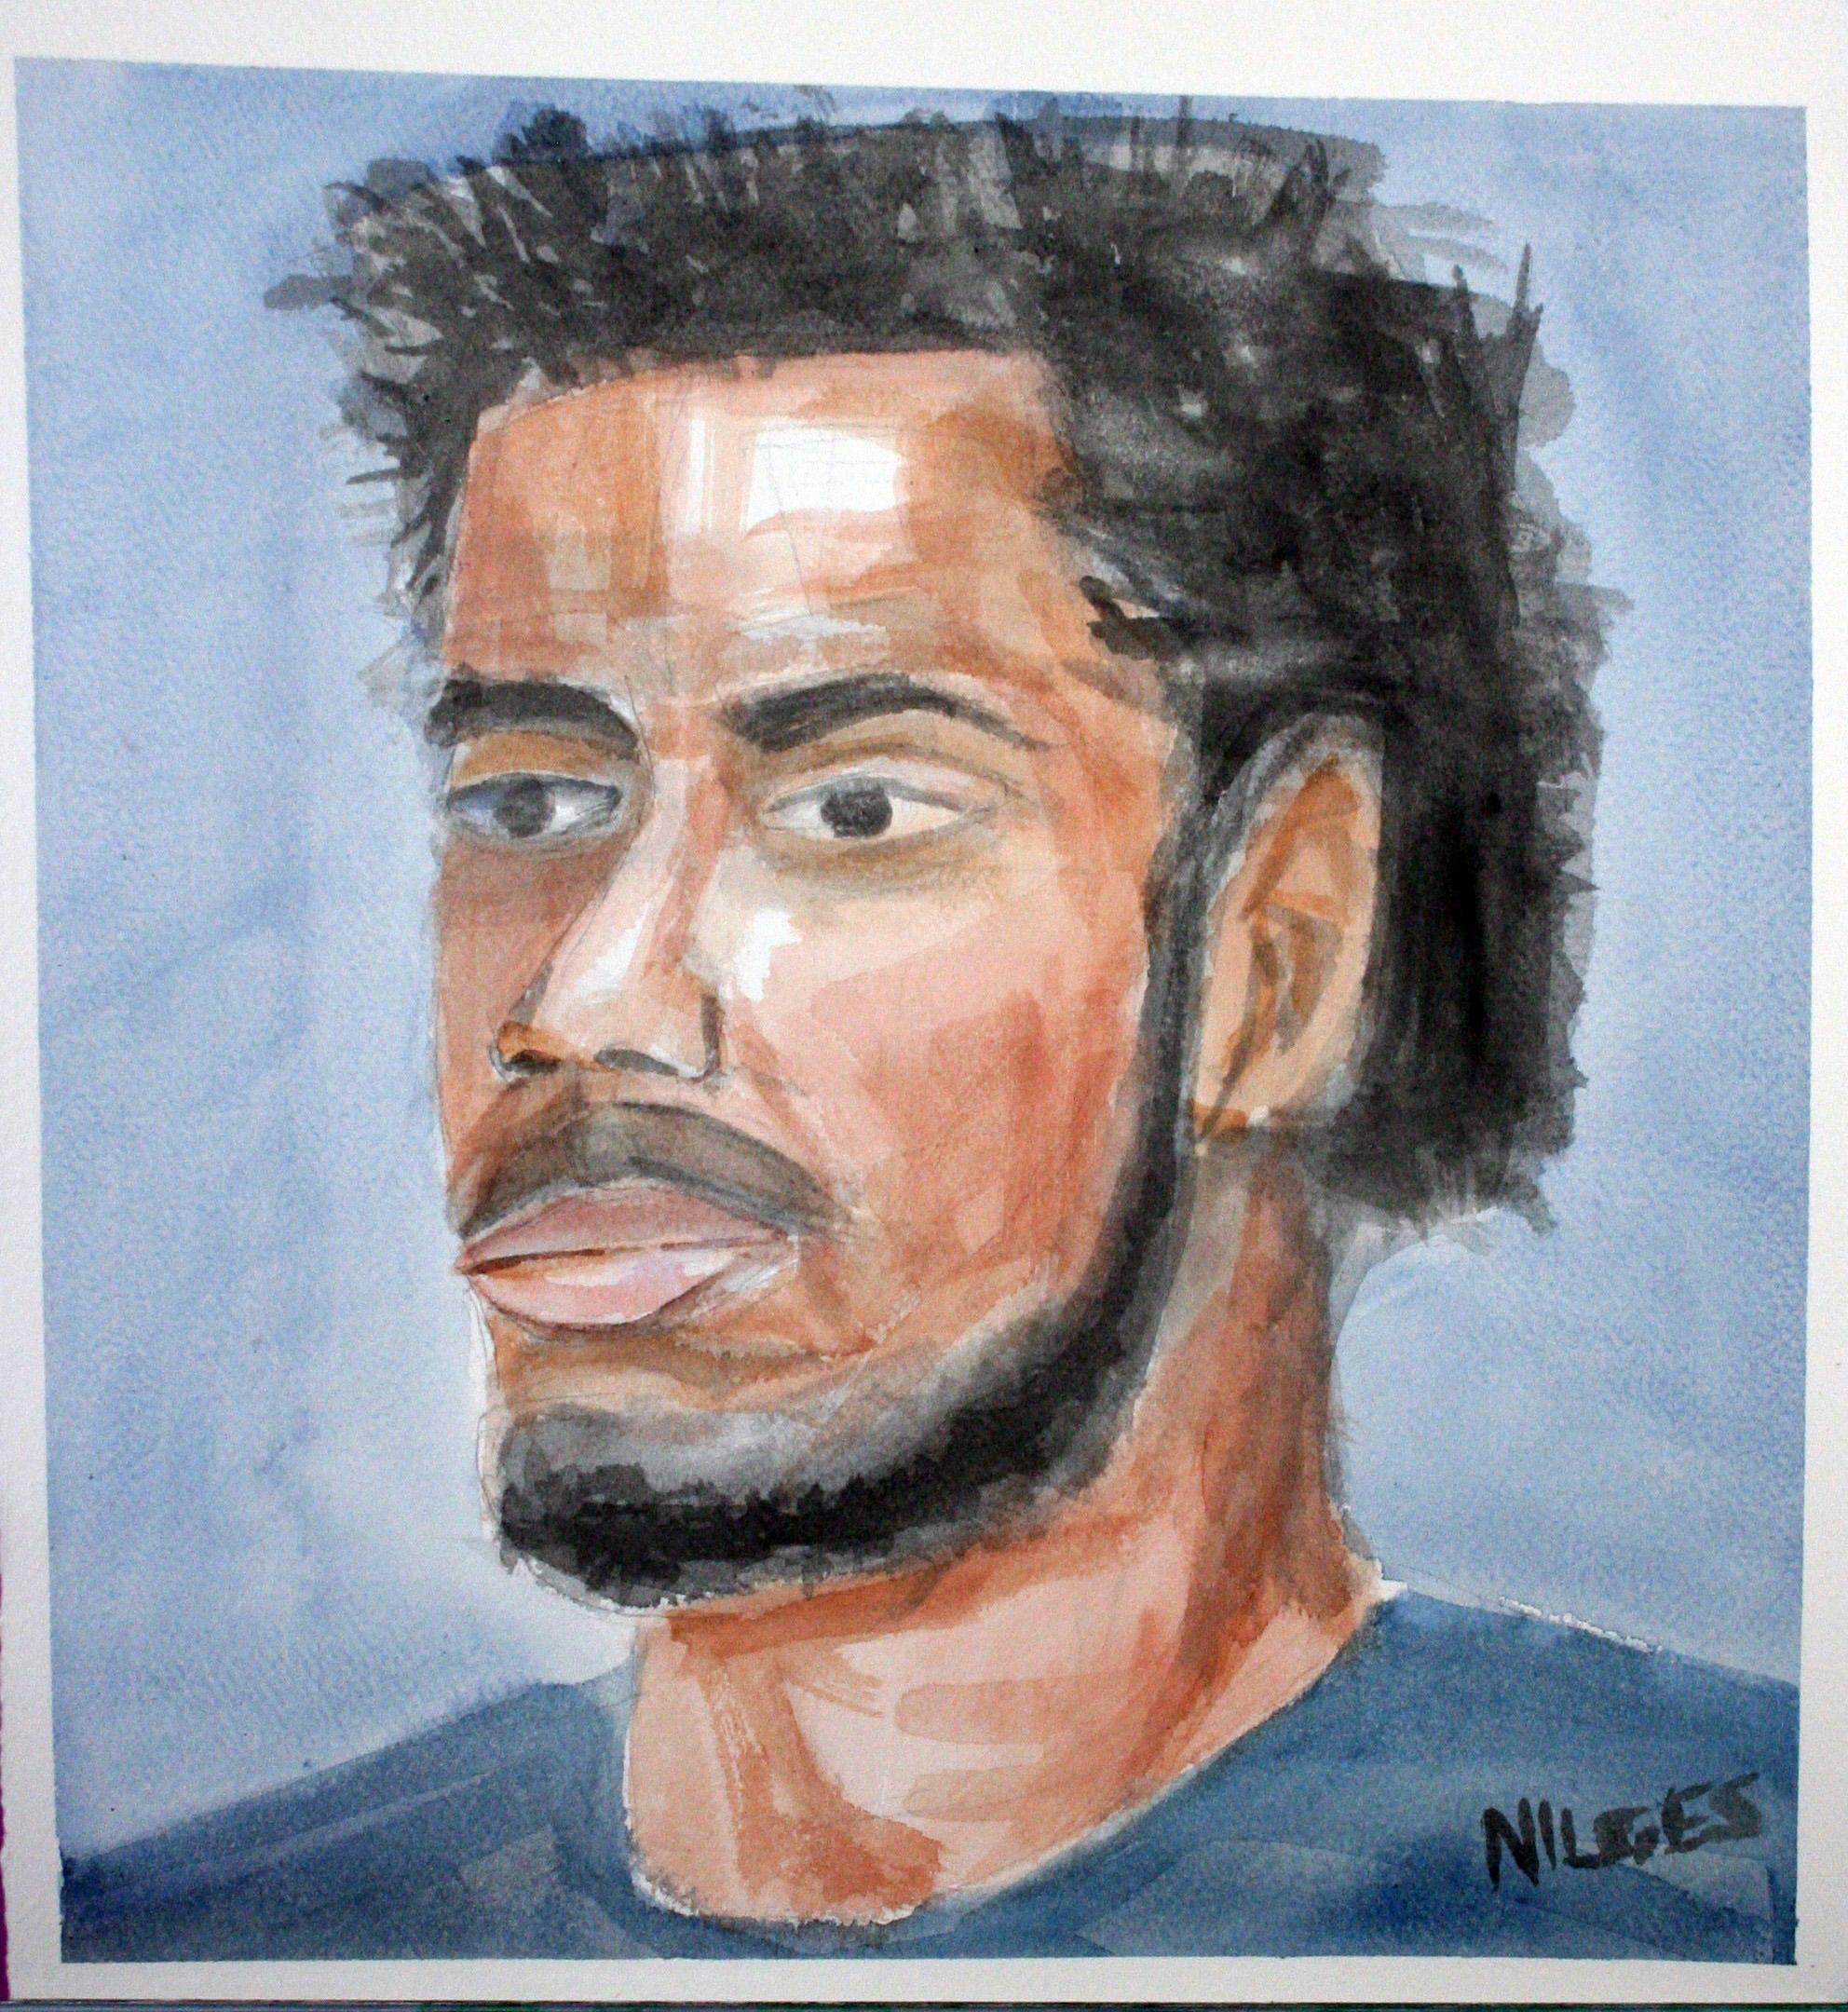 Thomas Nilges - Watercolors